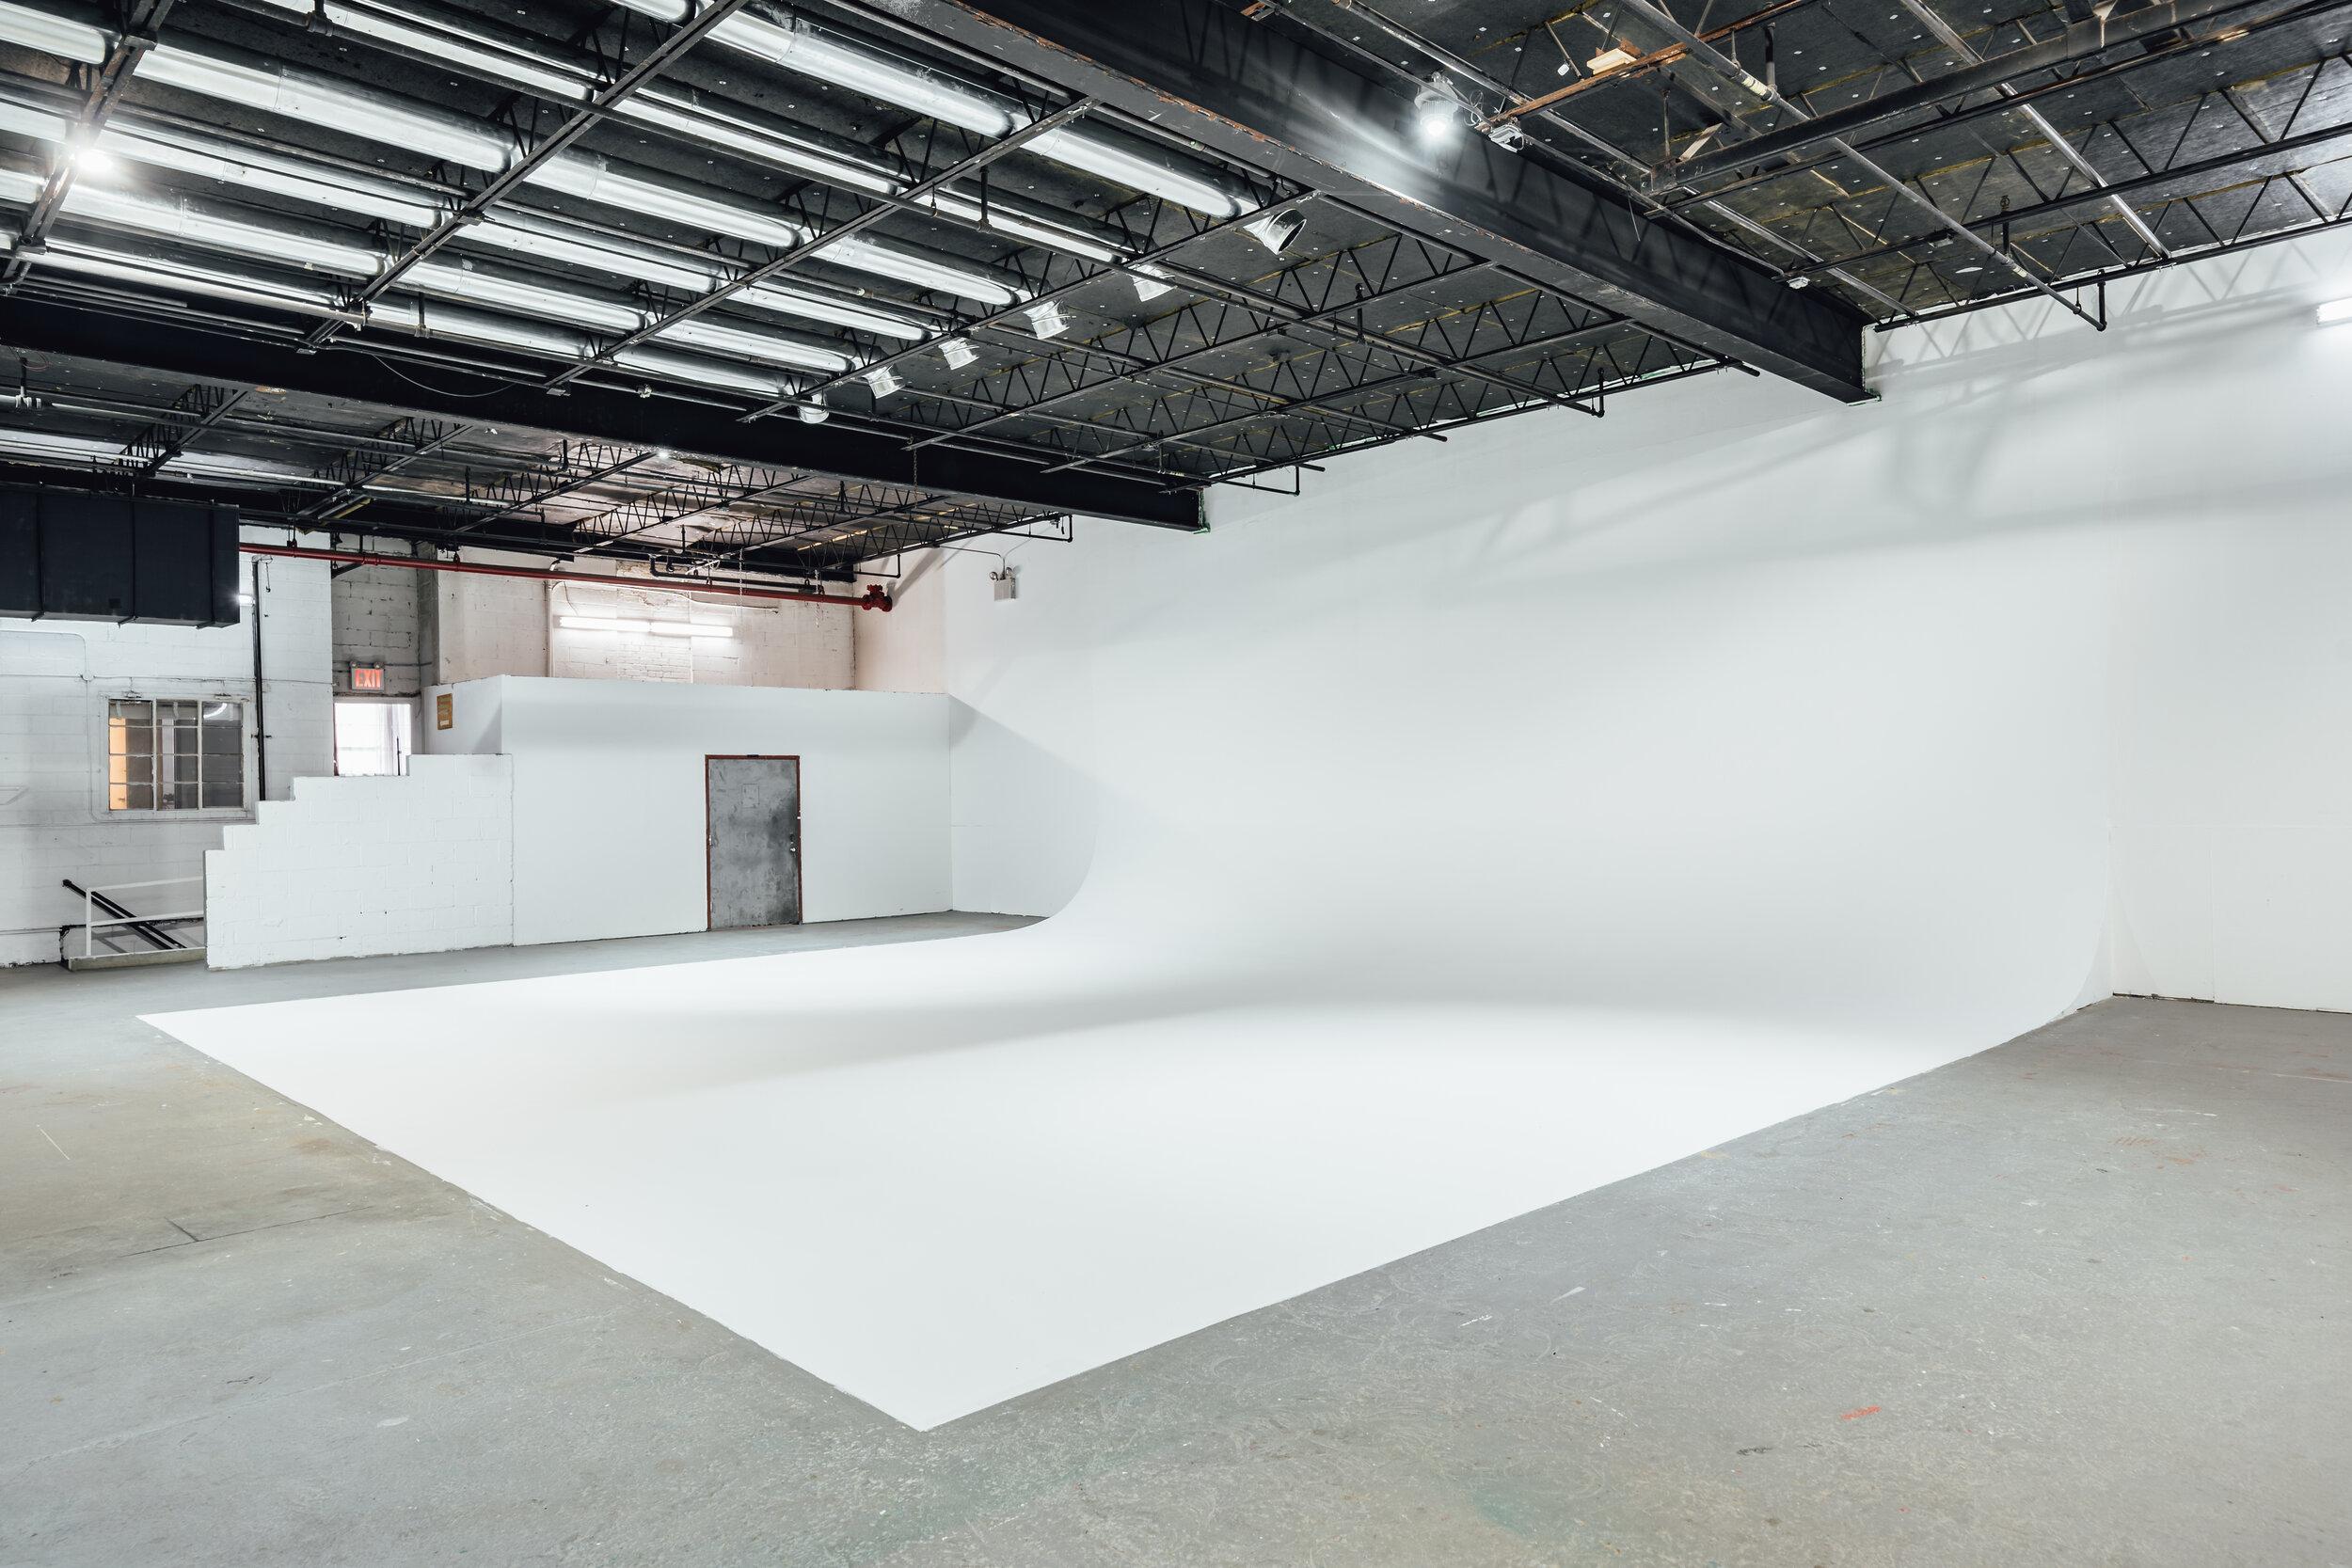 演播室5设施:12000平方英尺演播室:7200平方英尺